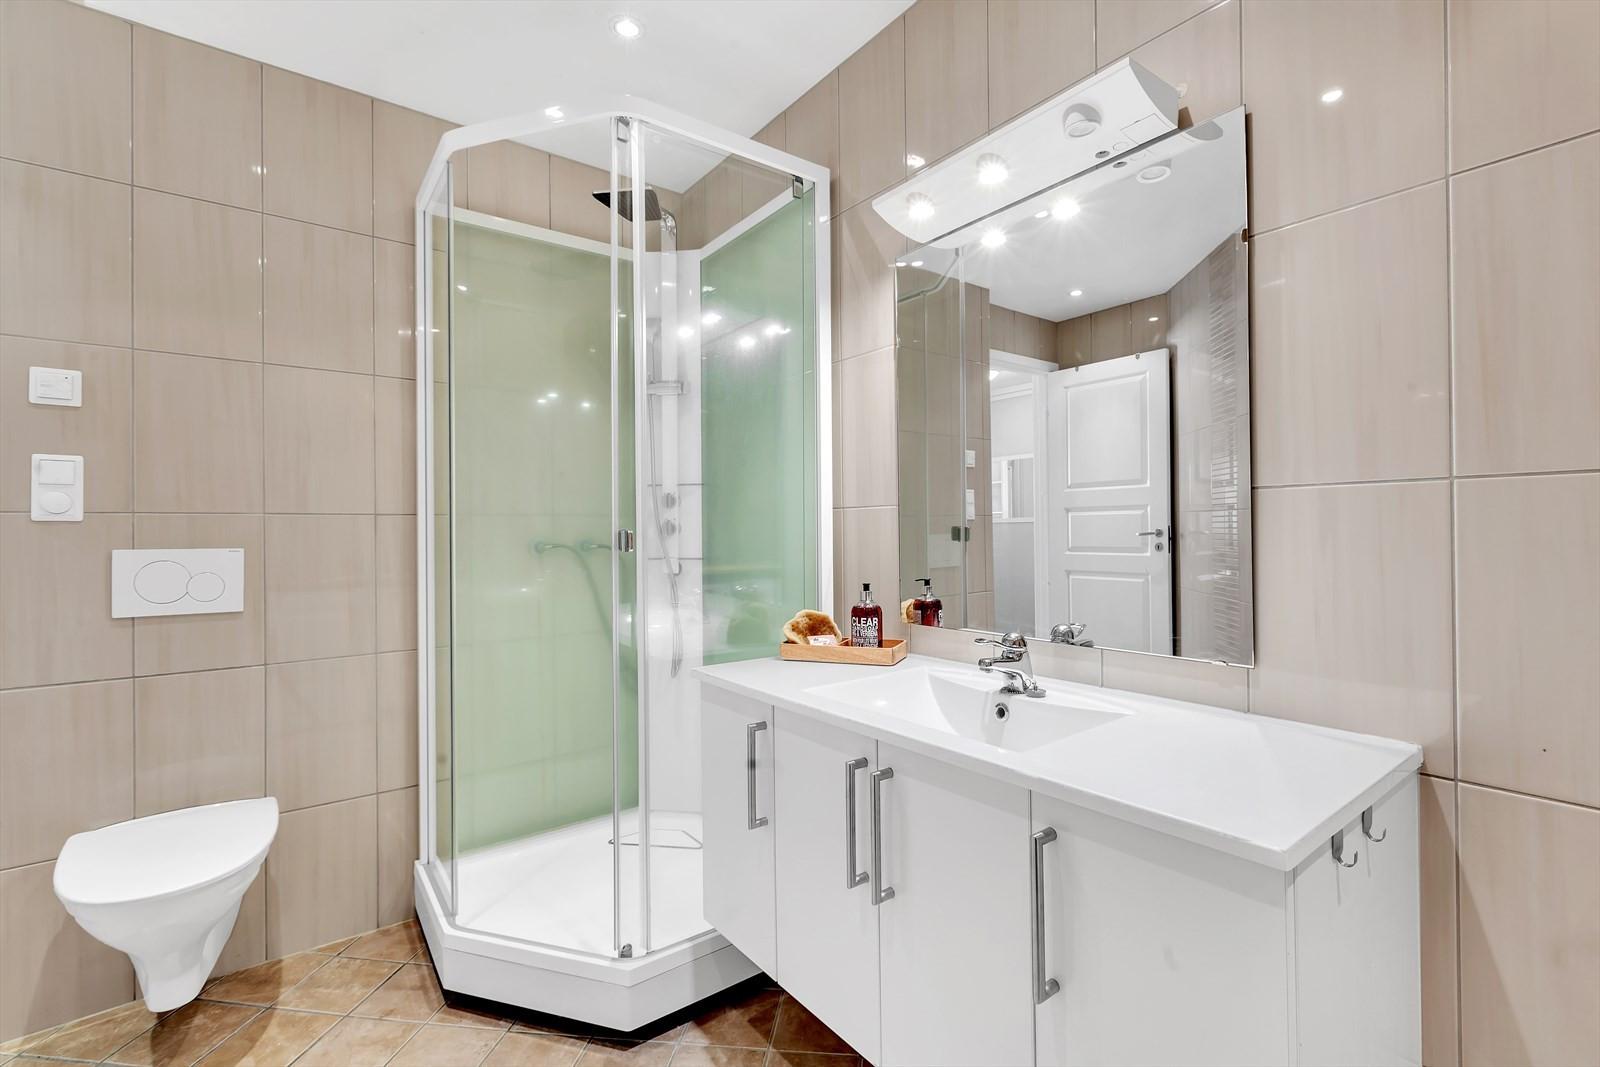 Badrom plan 1: Komplett flislagt med dusjkabinett, vegghengt toalett og opplegg vaskemaskin.